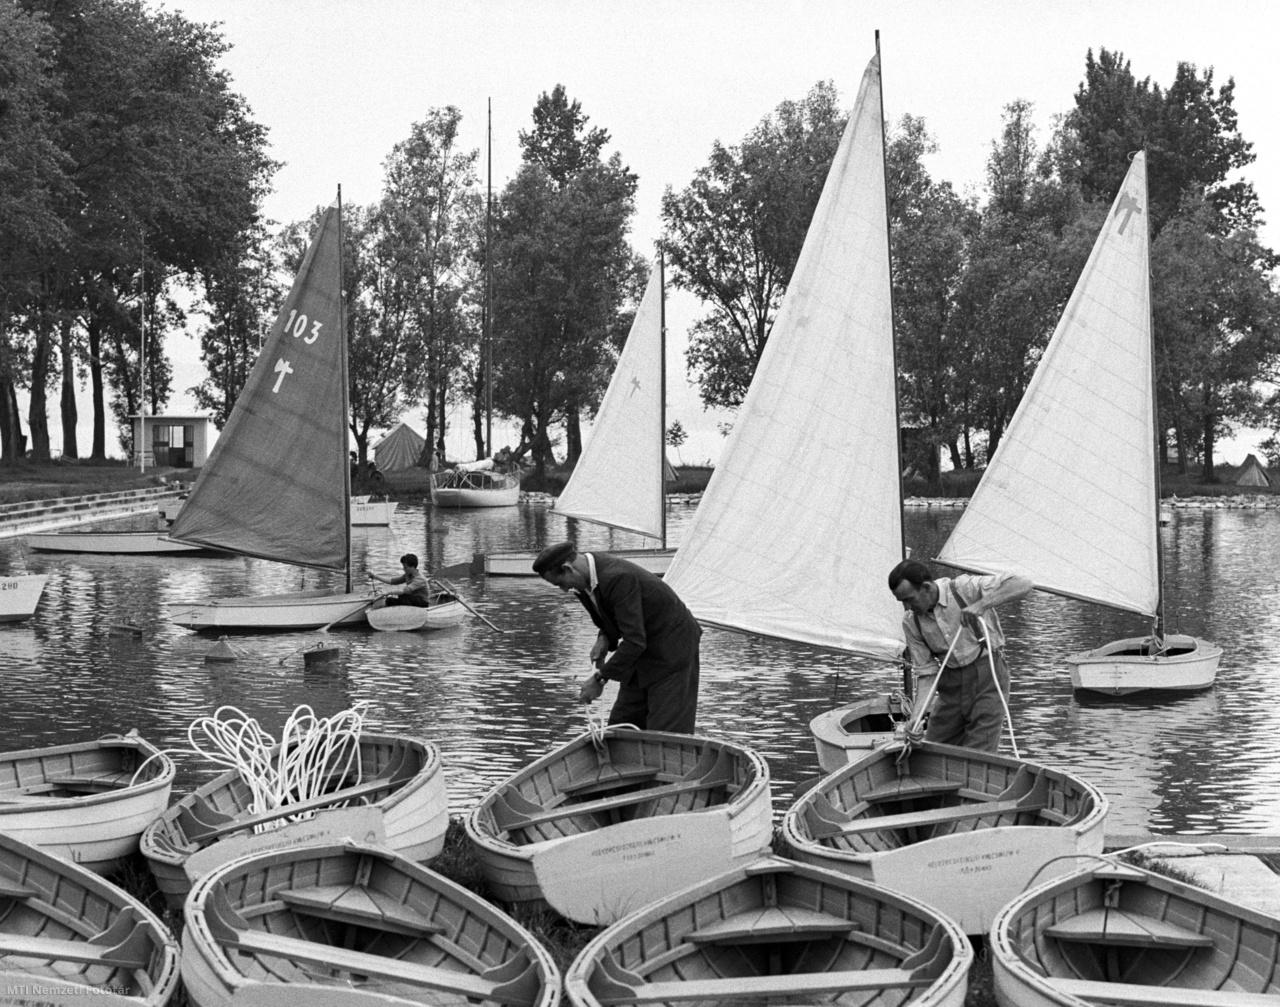 A Belkereskedelmi Kölcsönző Vállalat munkatársai szállításra készítik elő a csónakokat és vitorlásokat a vállalat balatonboglári telepén 1963. május 24-én